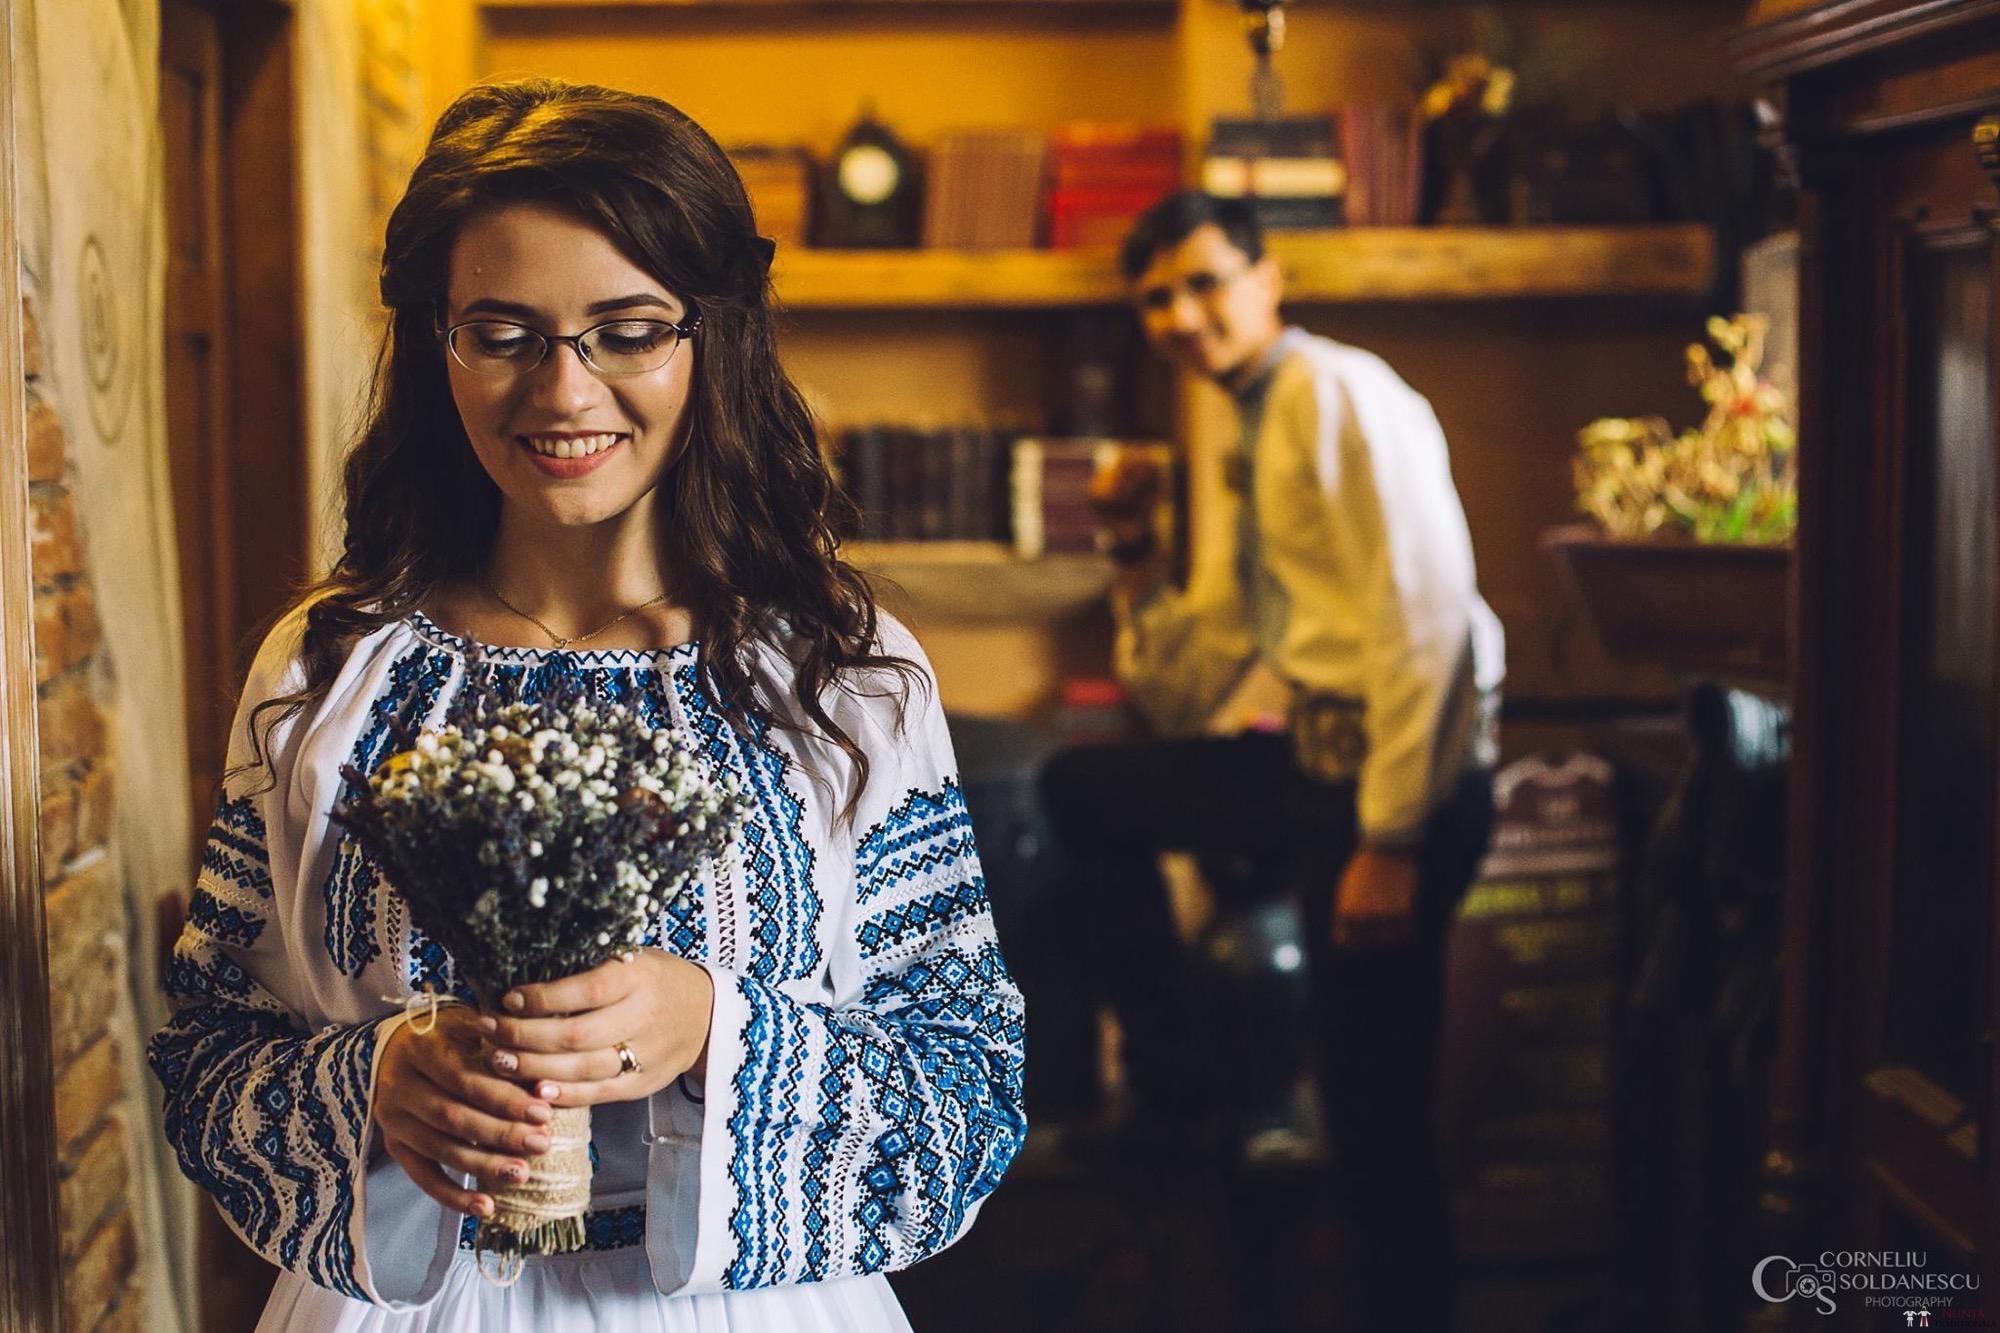 Povești Nunți Tradiționale - Ioana-Alexandra și Bogdan-Vasile. Nuntă tradițională în Fălticeni 36